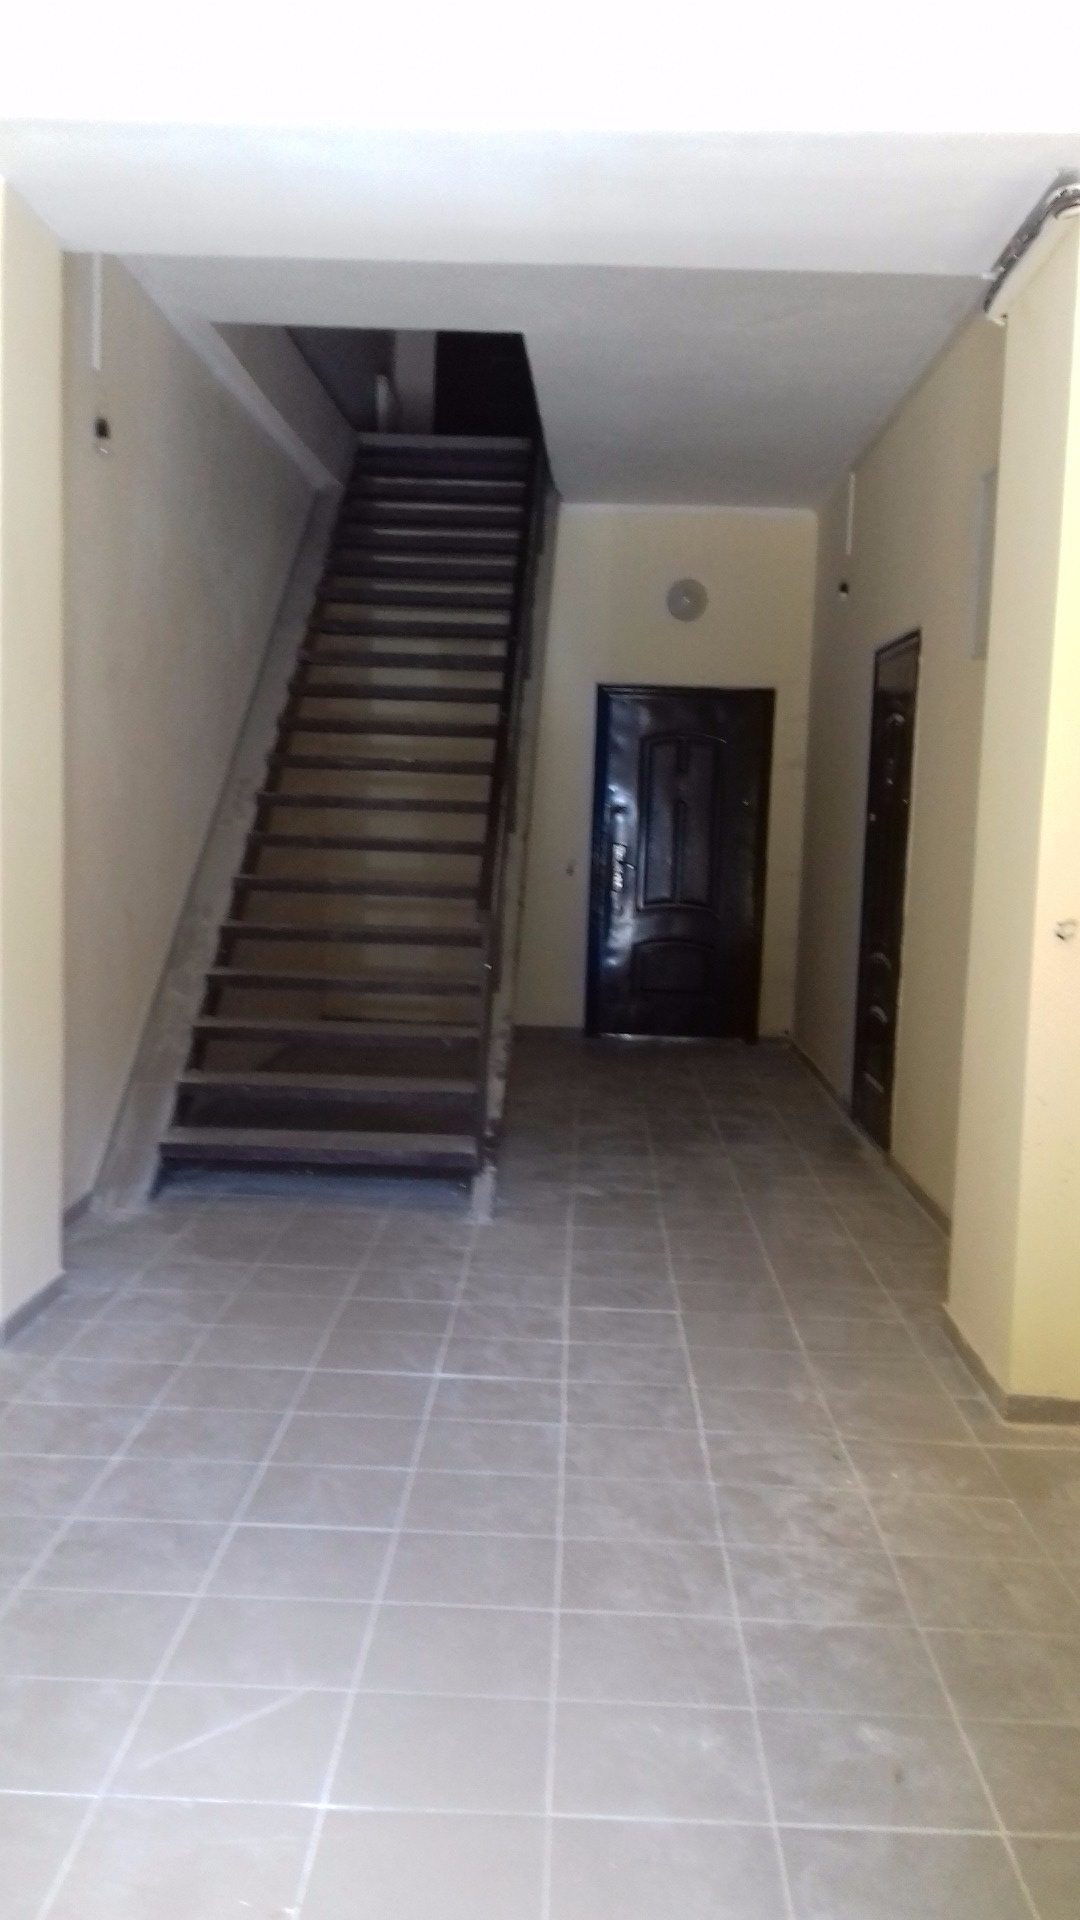 Продается 1-комнатная квартира на ул. Разумовская (Орджоникидзе) — 16 000 у.е. (фото №3)